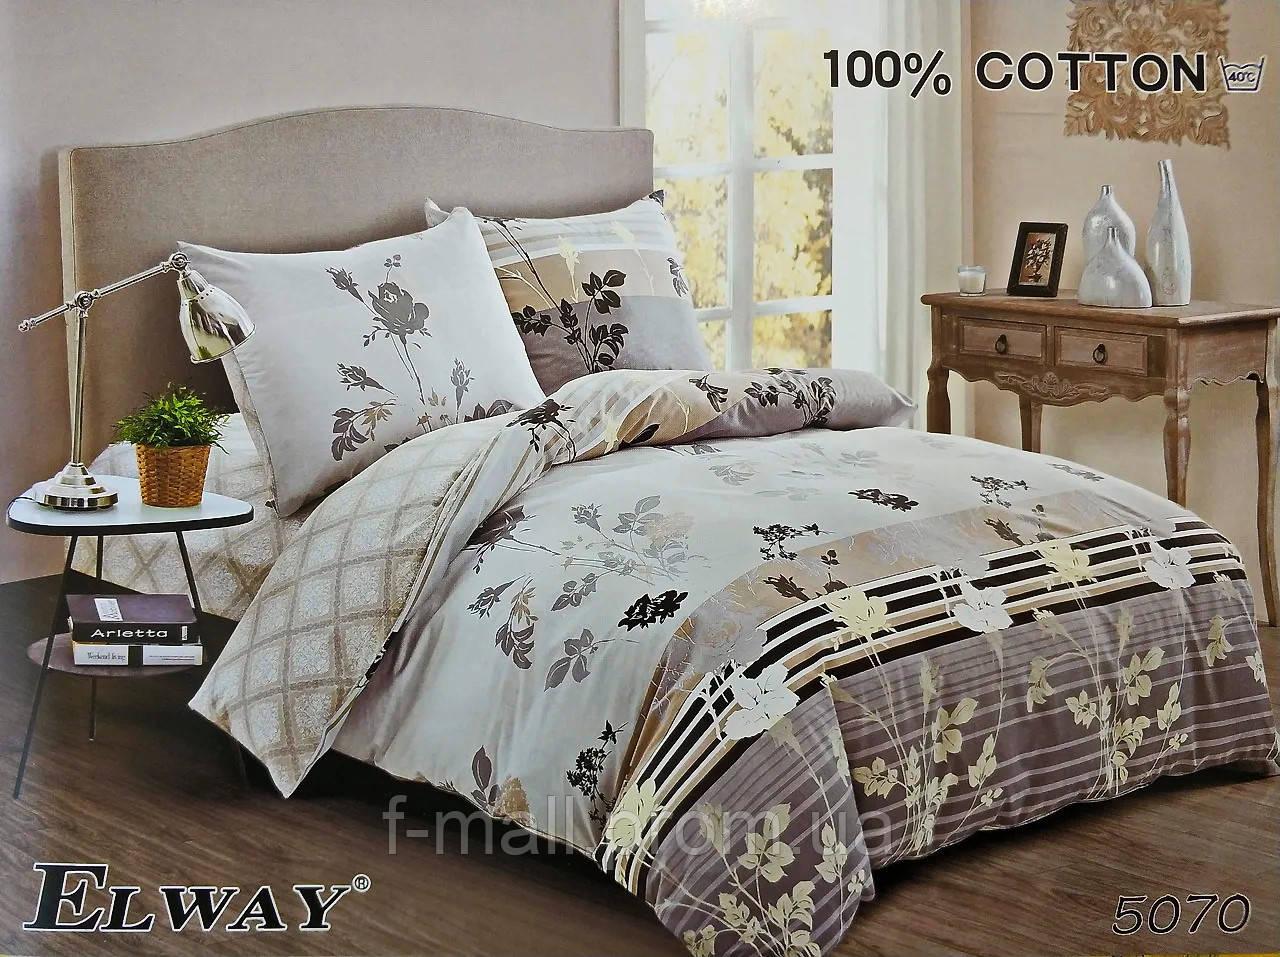 Комплект постельного белья ELWAY (Польша) Сатин евро (5070)